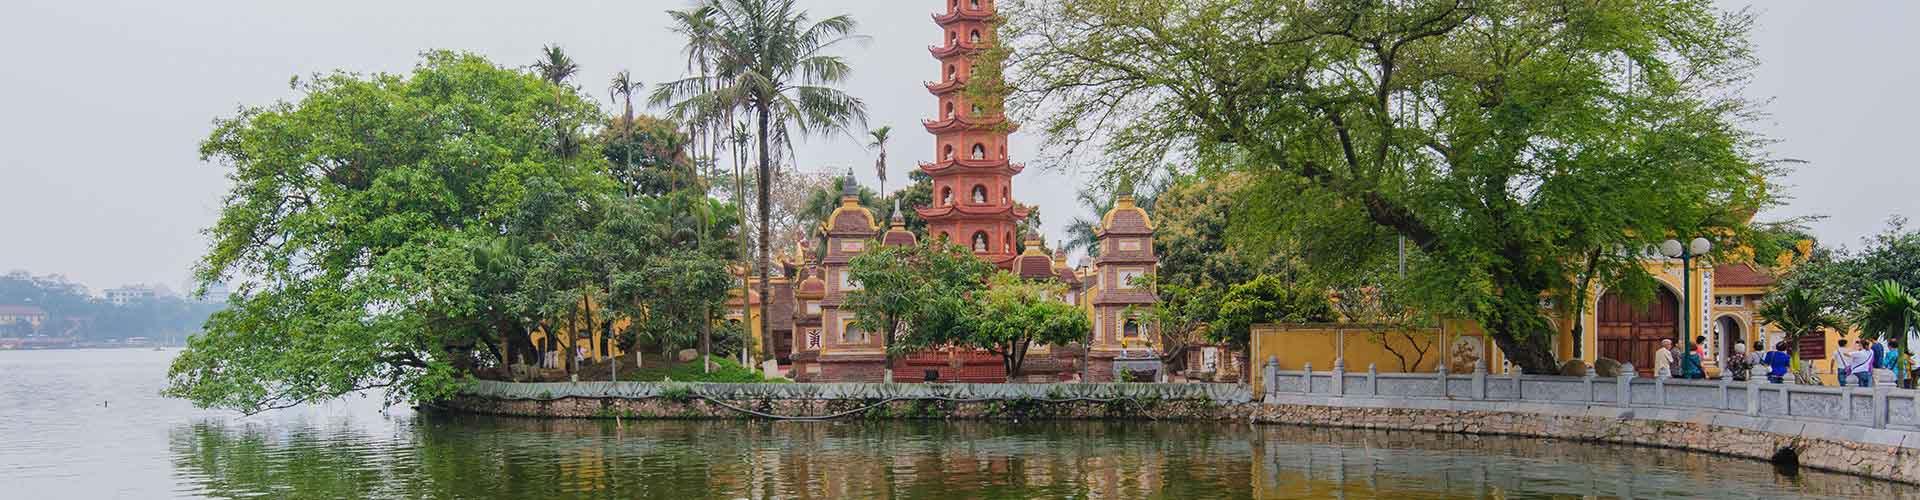 Hanoi – Hostellit kohteessa Hanoi. Hanoi -karttoja, valokuvia ja arvosteluja kaikista Hanoi -hostelleista.